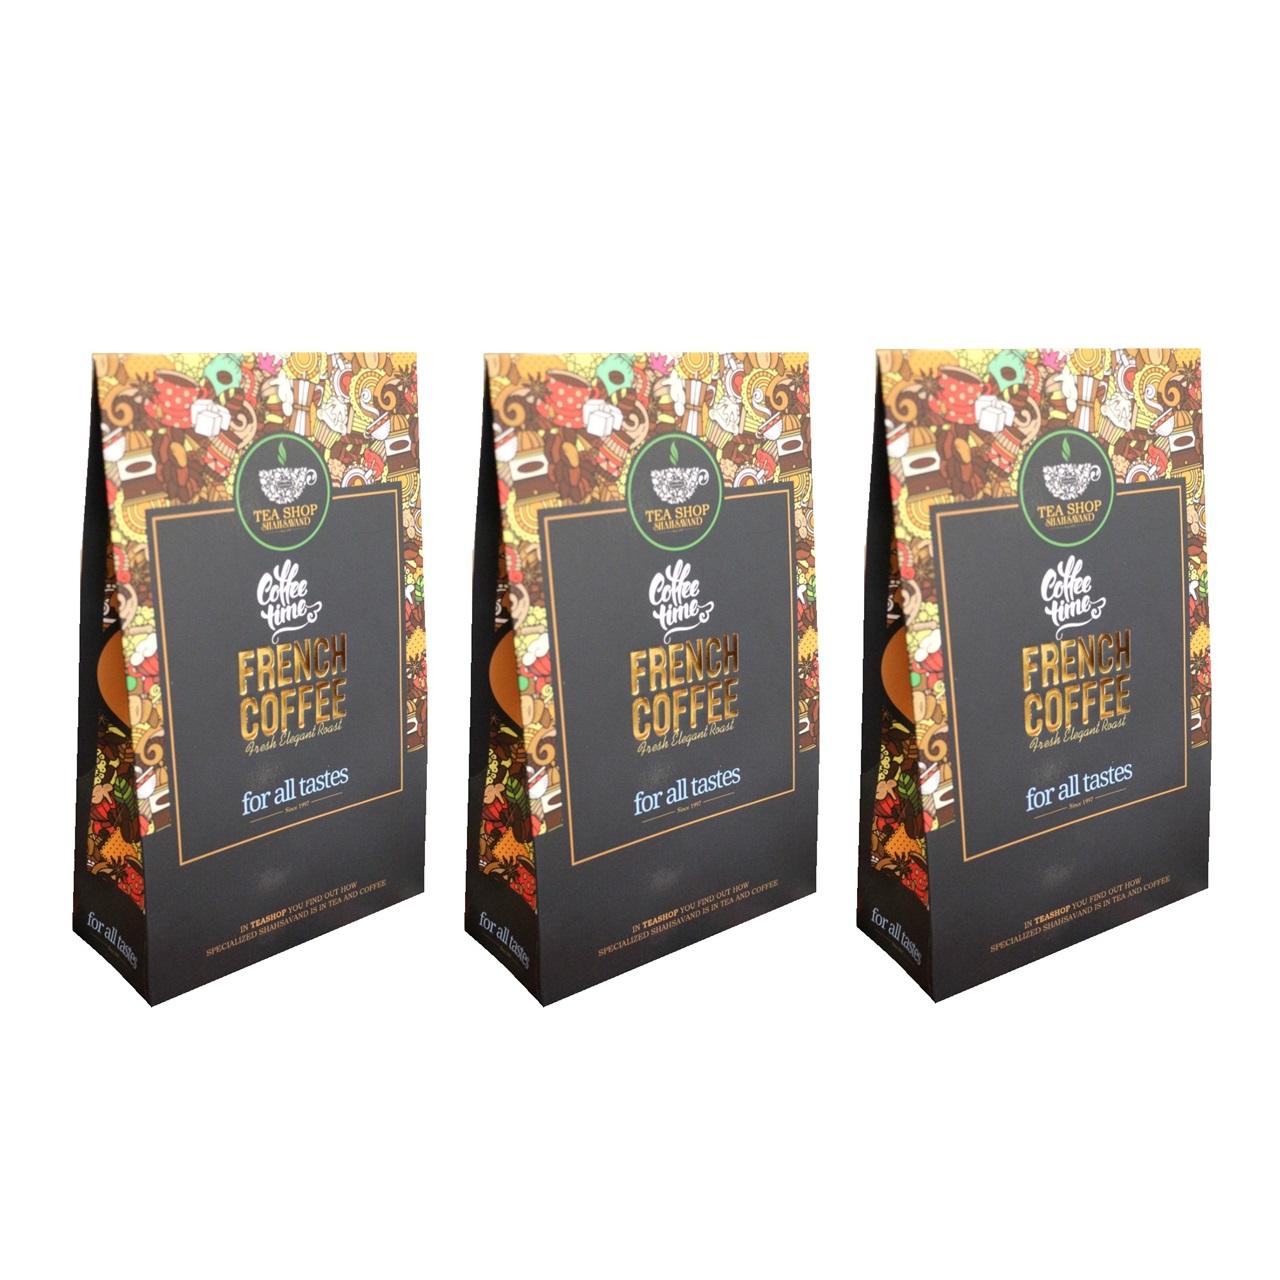 قهوه آسیاب شده شاهسوند مدل فرانسه مجموعه 3 عددی